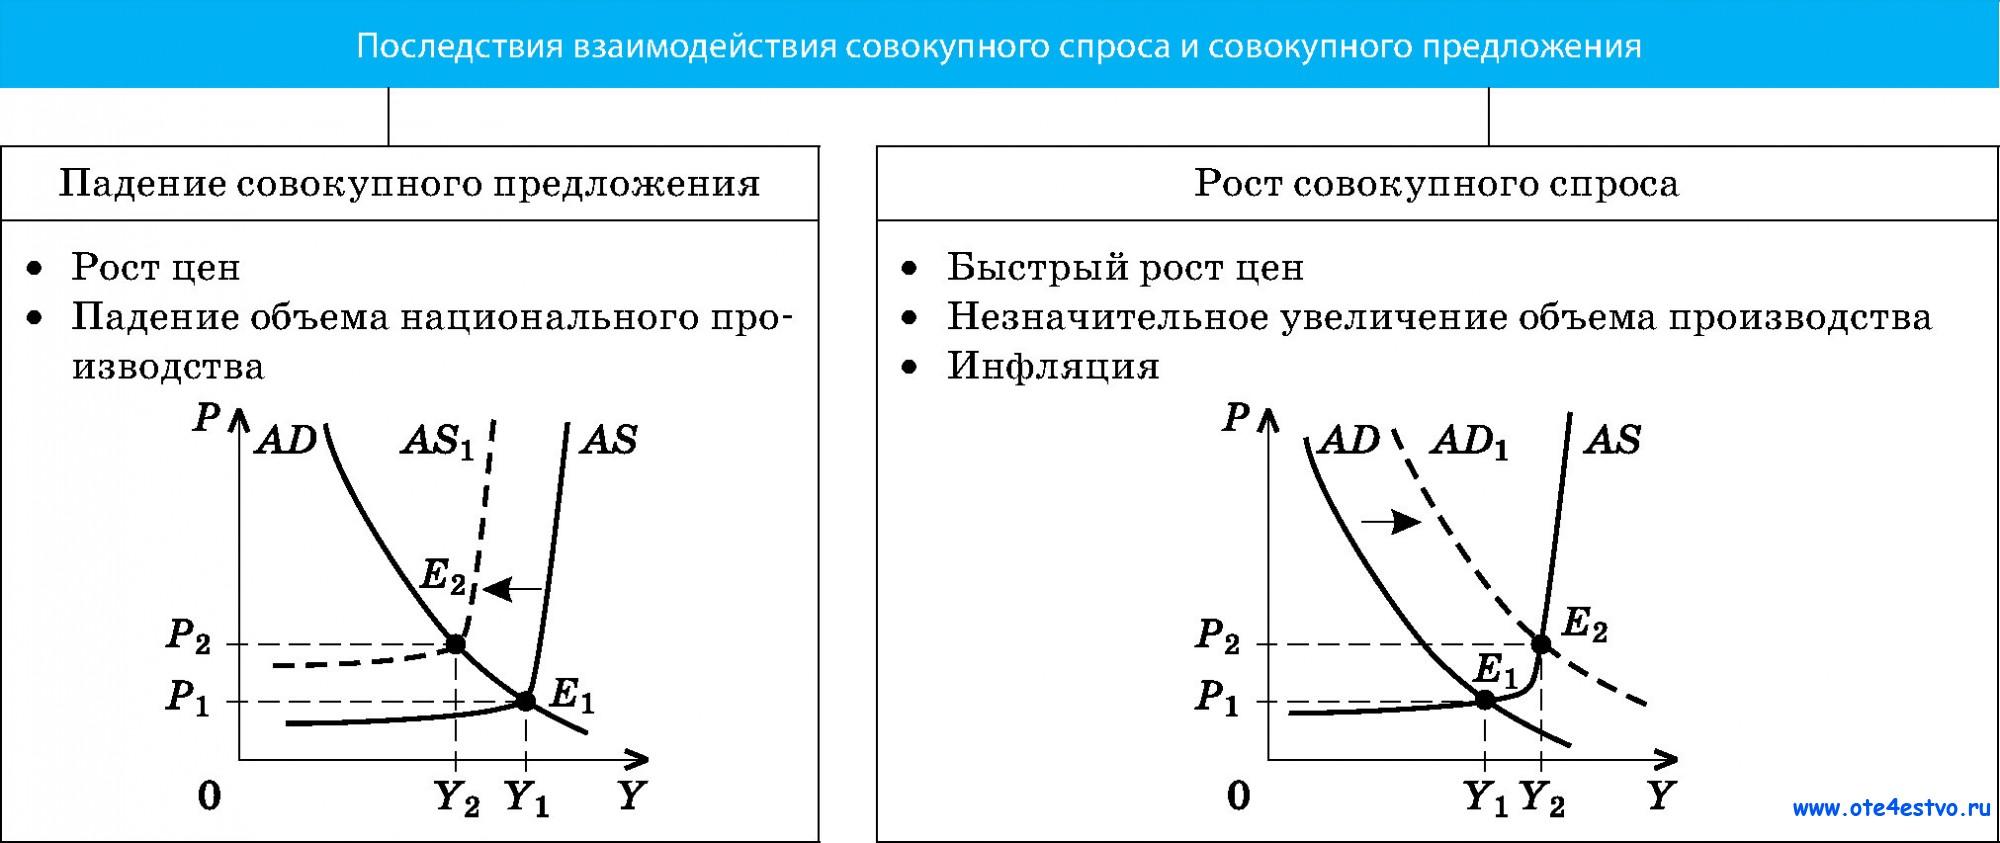 Взаимосвязь спроса и предложения схема